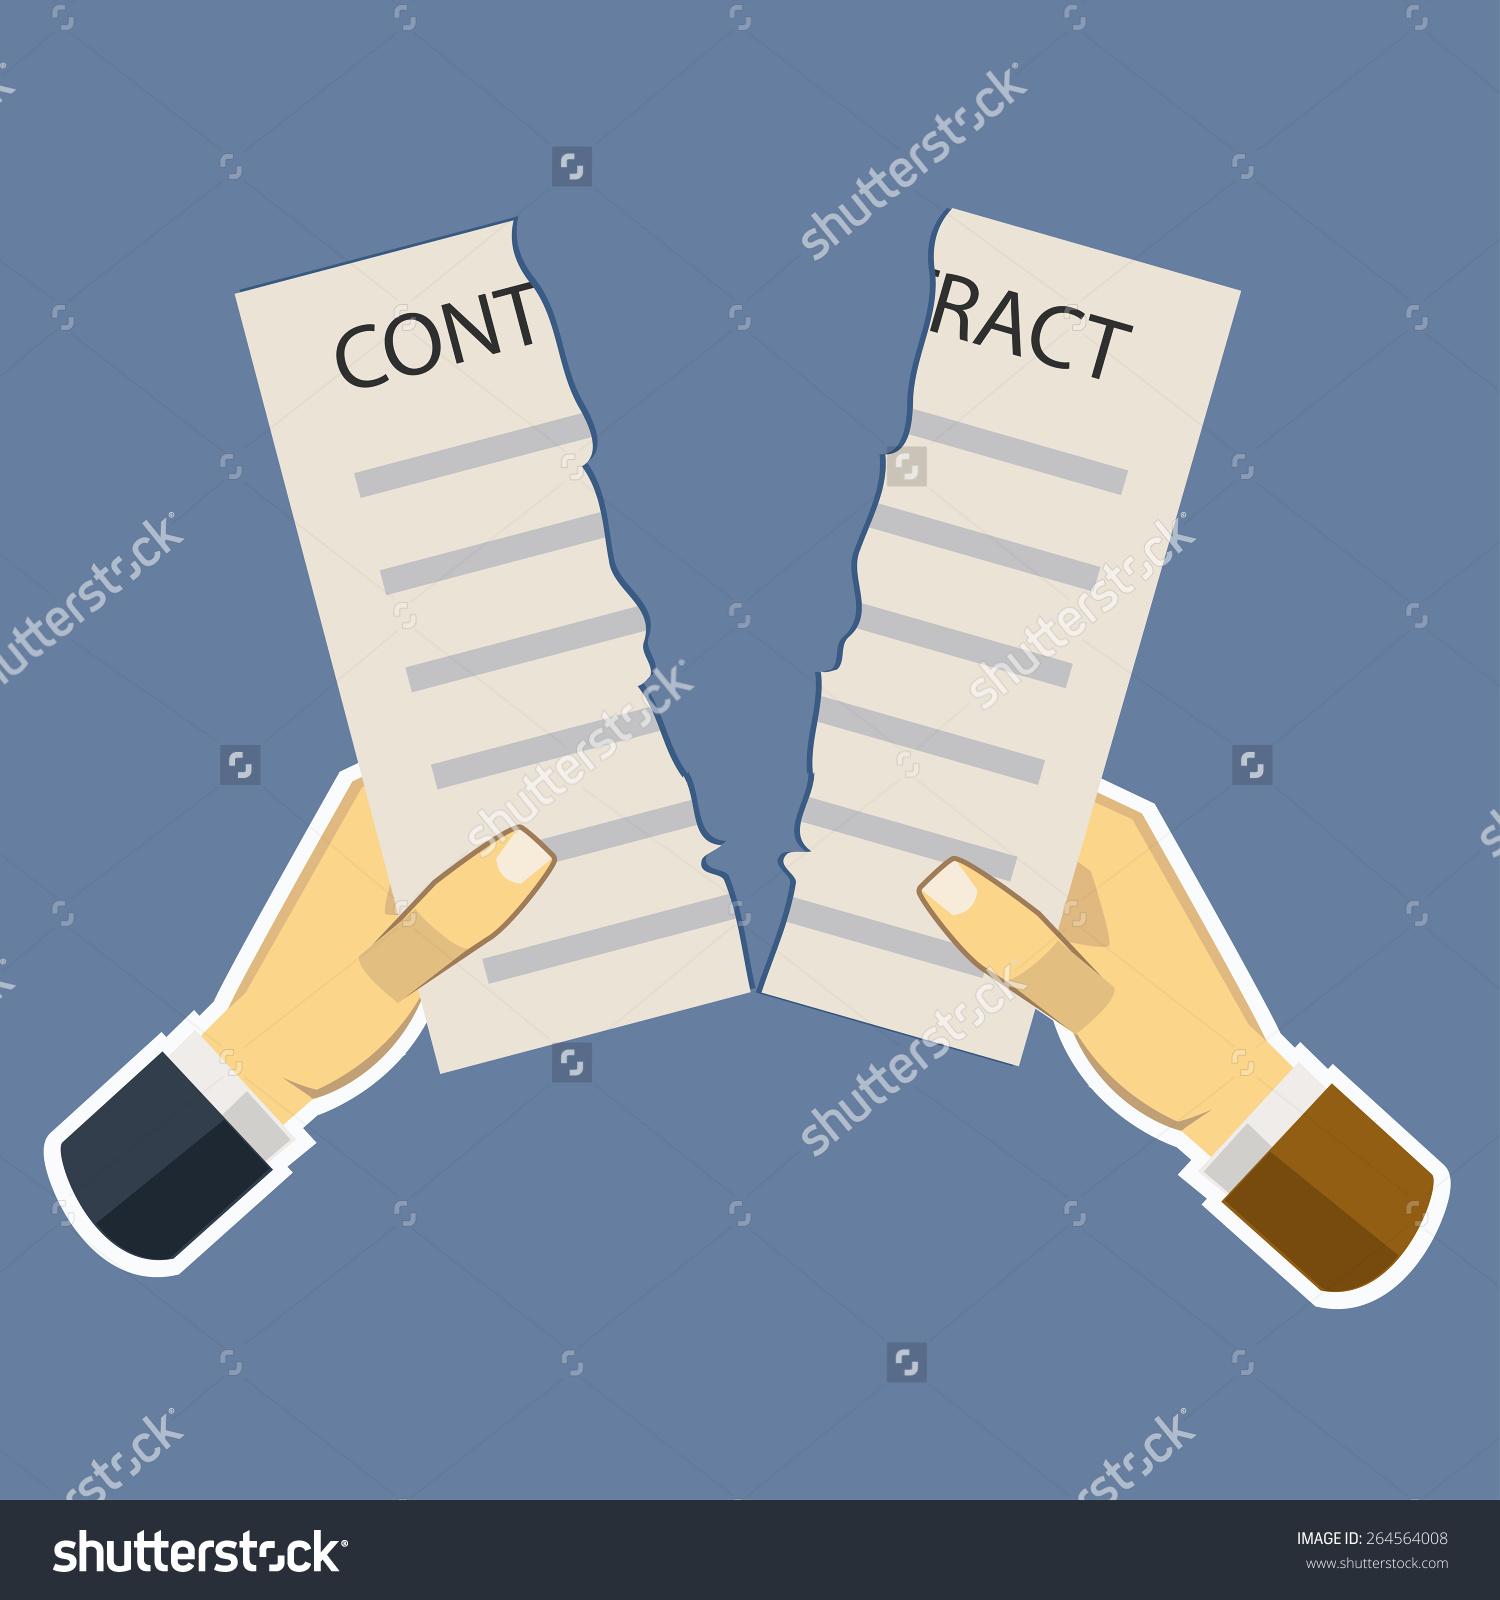 Contract Tear Failure Flat Design Vector Stock Vector 264564008.